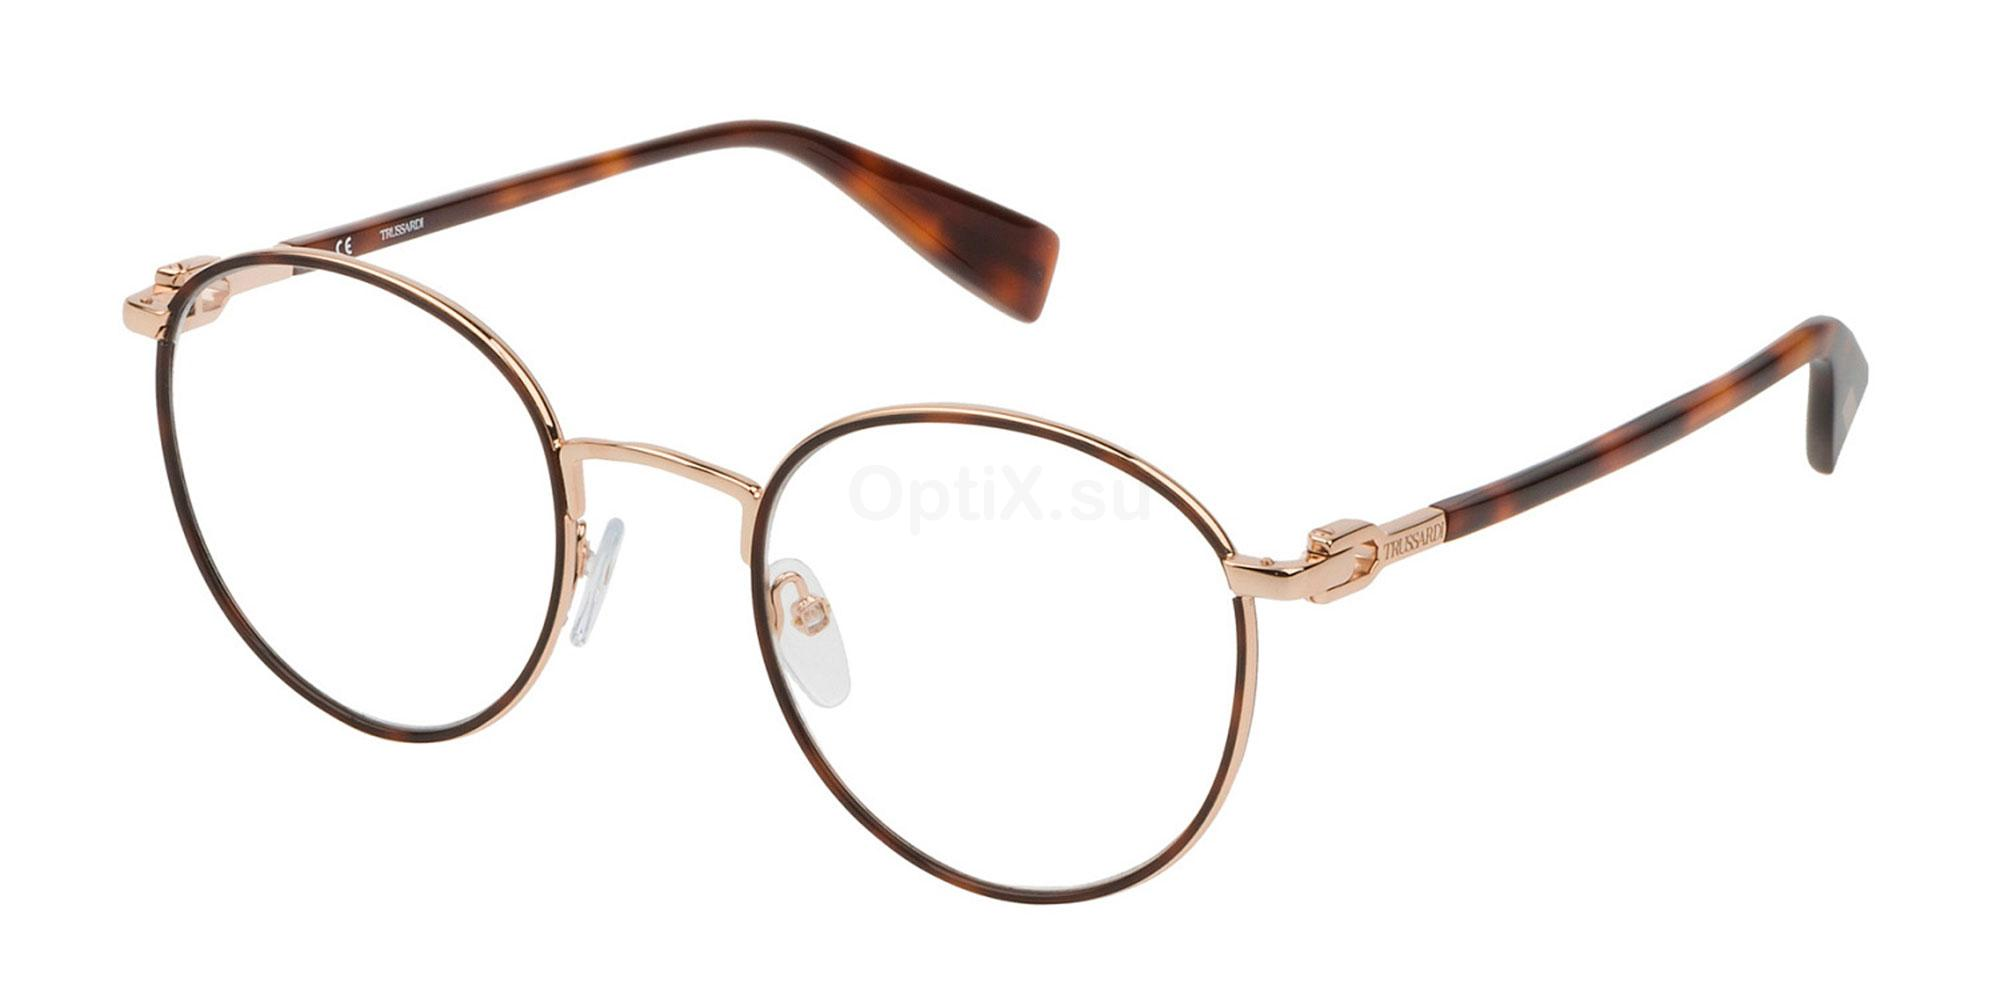 0300 VTR313 Glasses, Trussardi